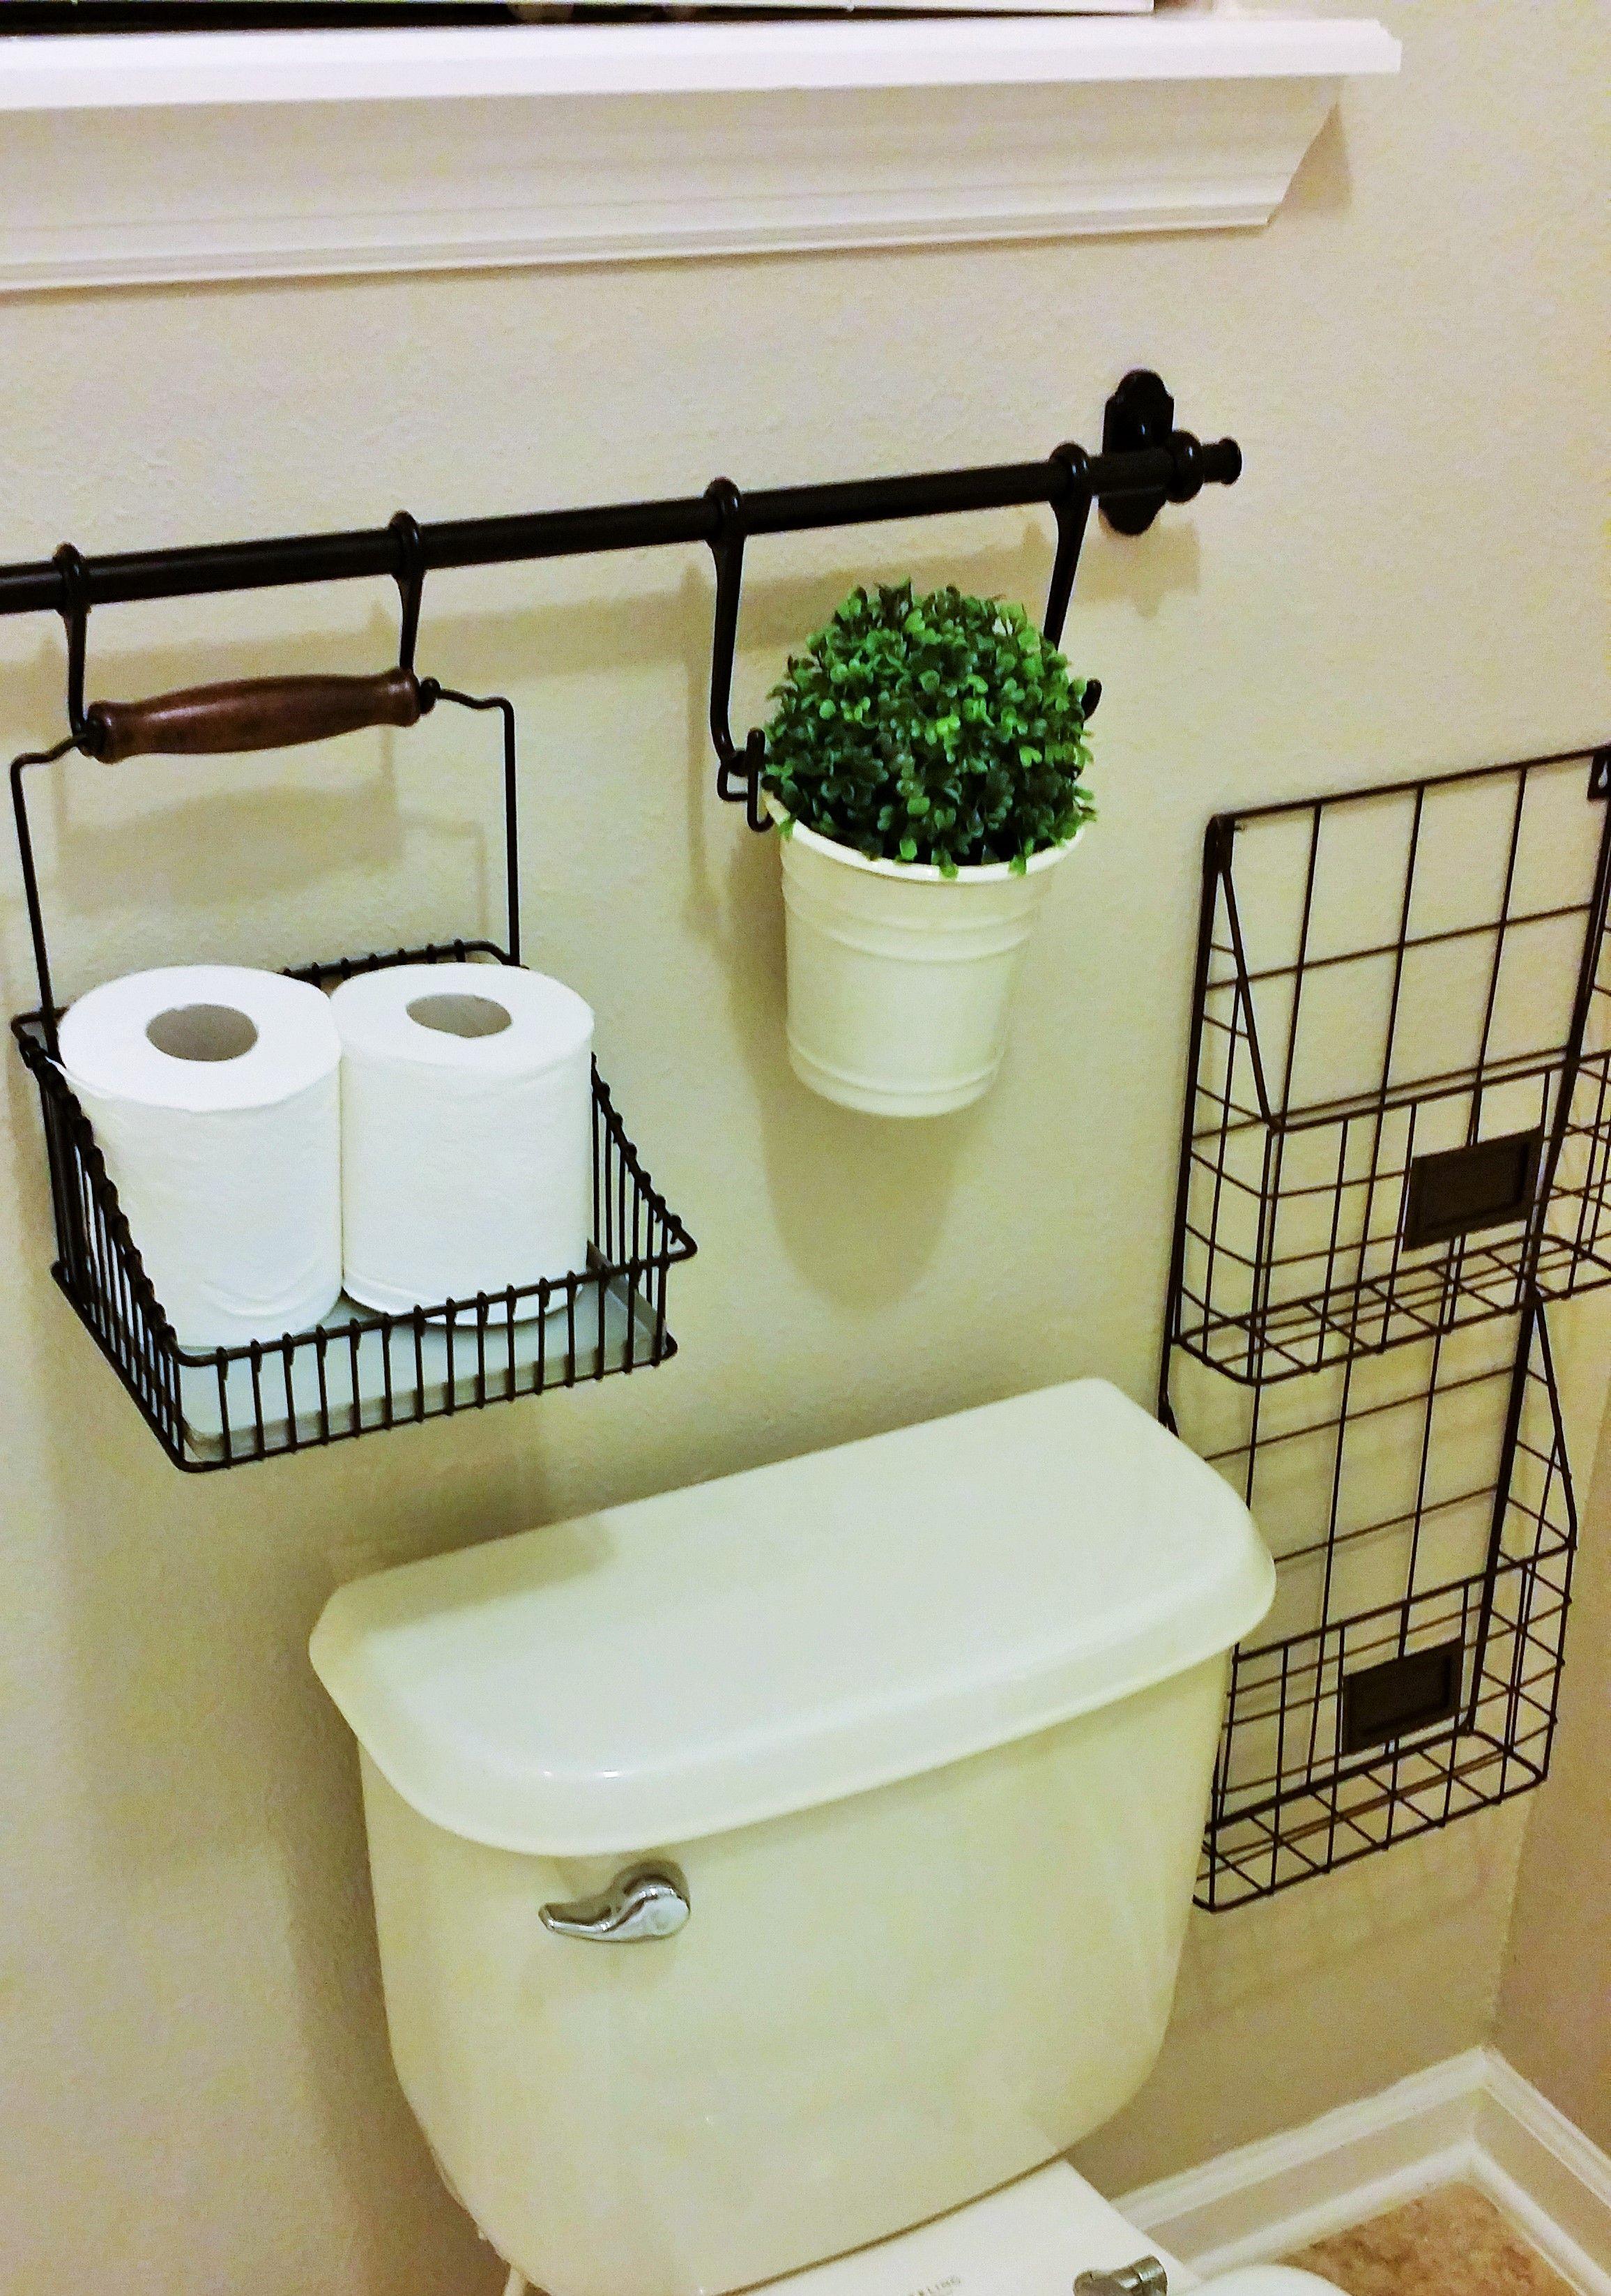 Организация пространства в ванной комнате фото 11